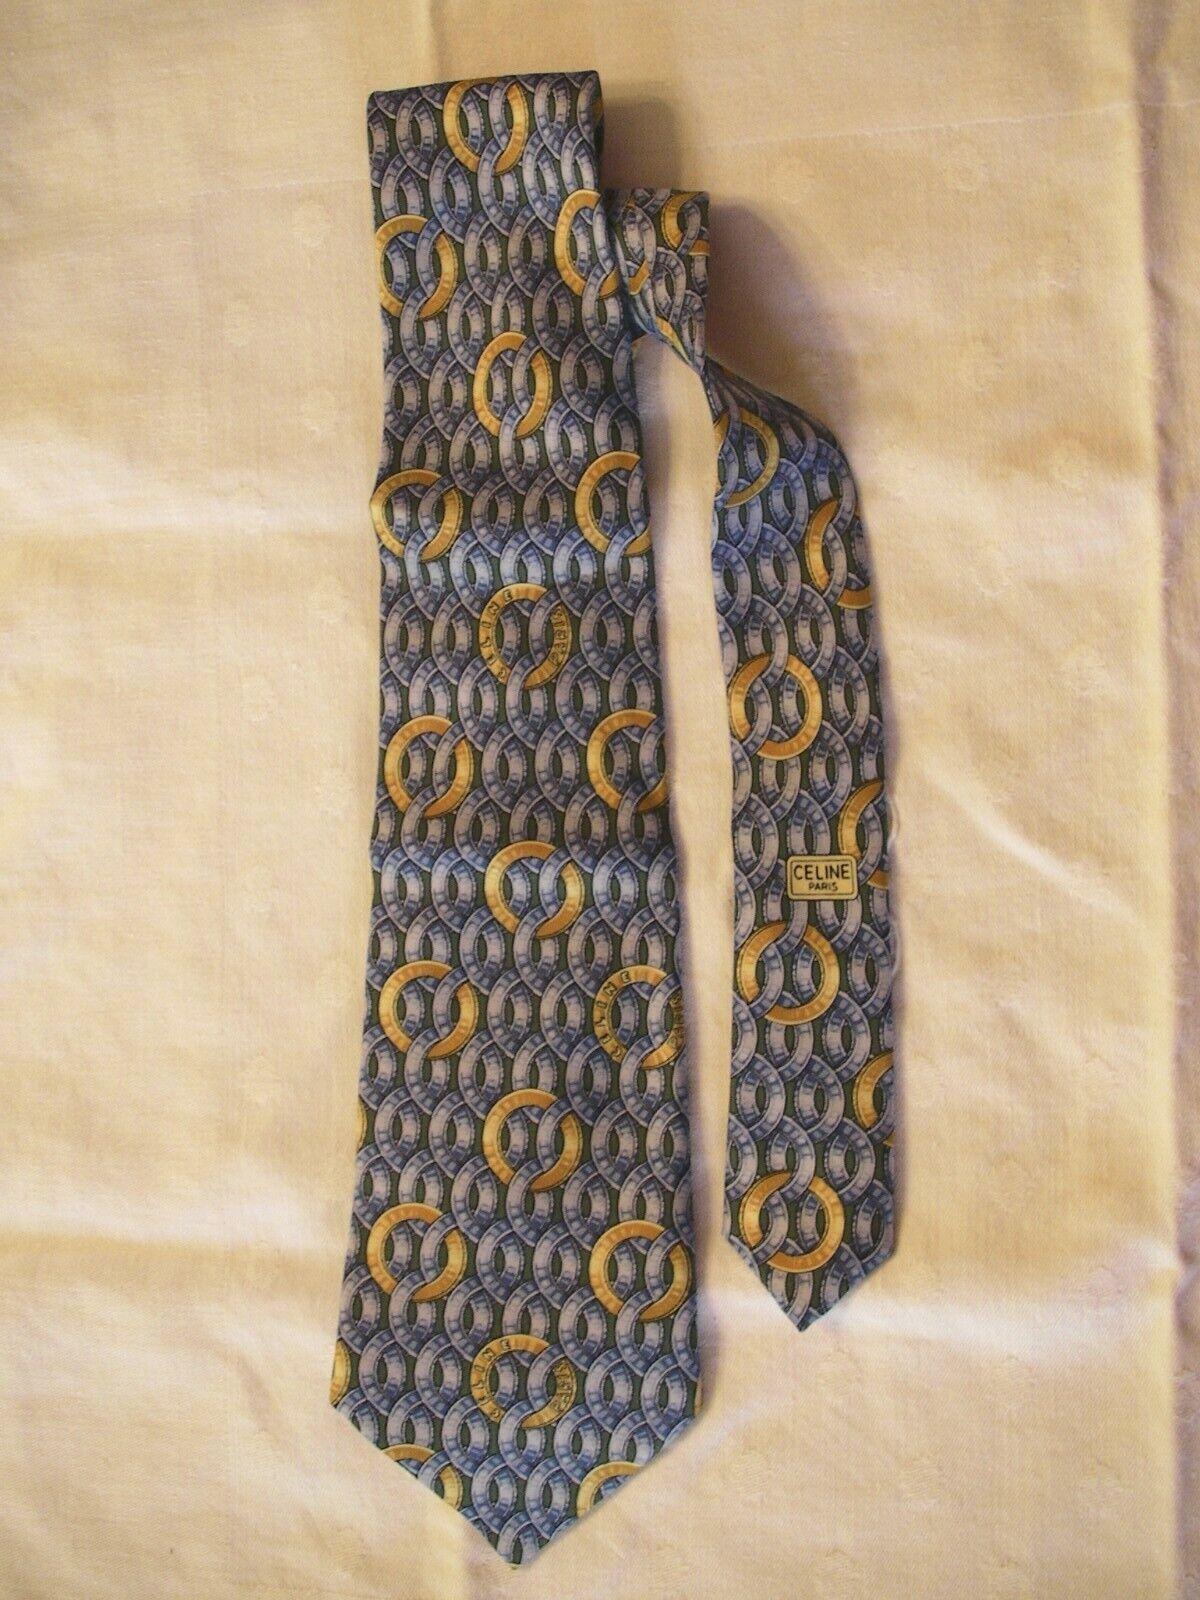 Cravate bleue en soie de la marque celine